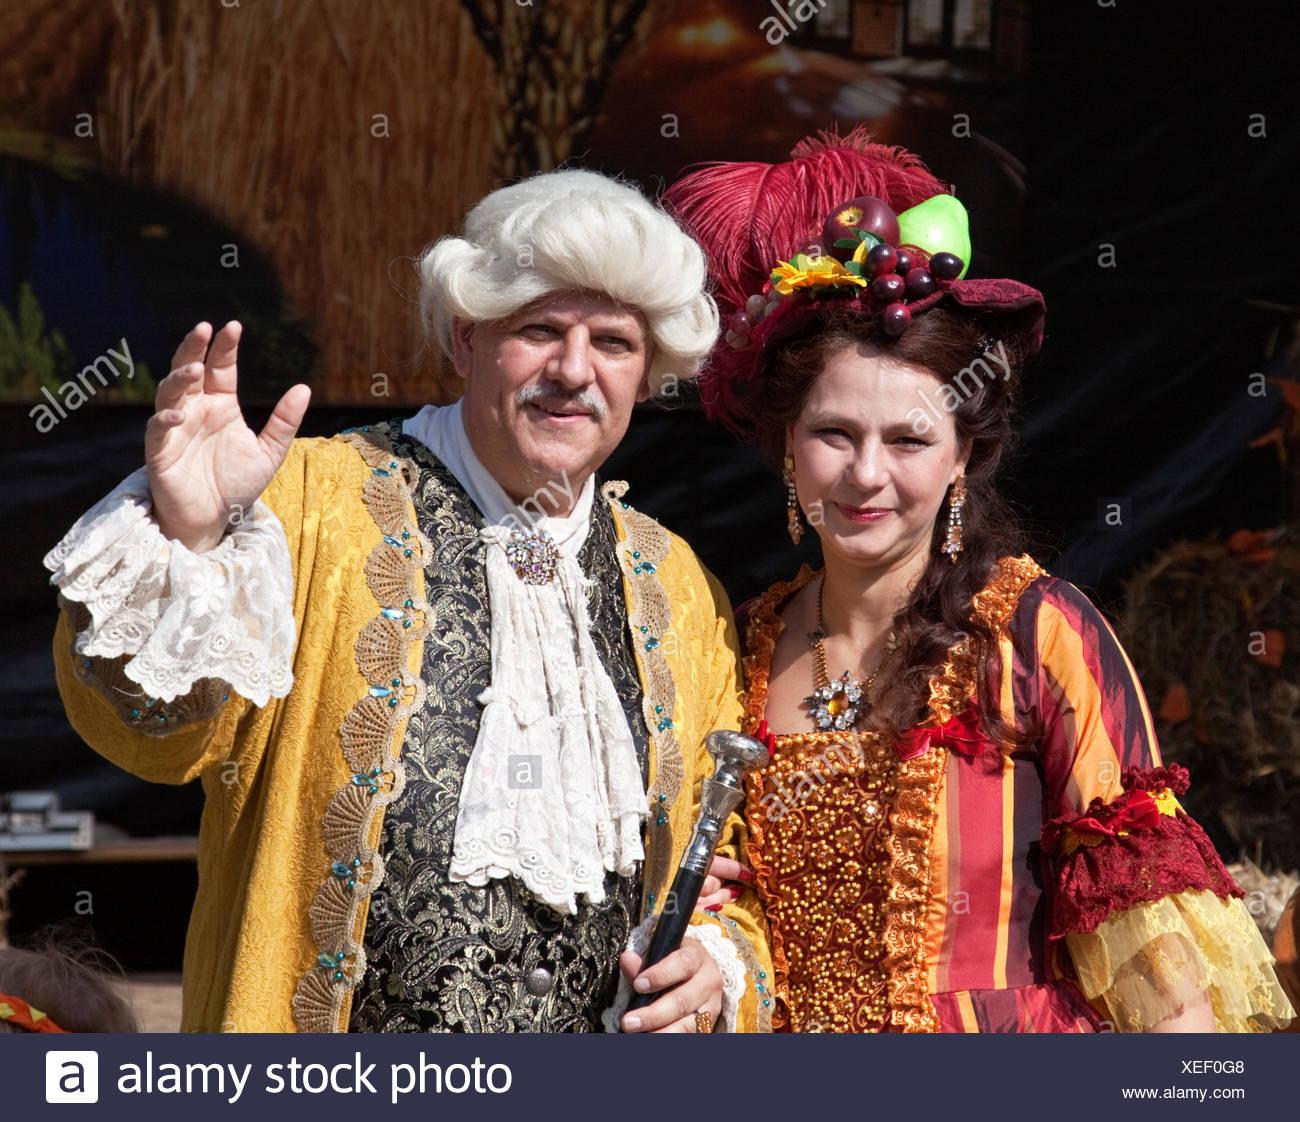 Ernten Sie, Queen und alte Fritz tragen Barock Kostüme beim Bauernherbst, Erntedankfest in Marzahn, Berlin Stockbild